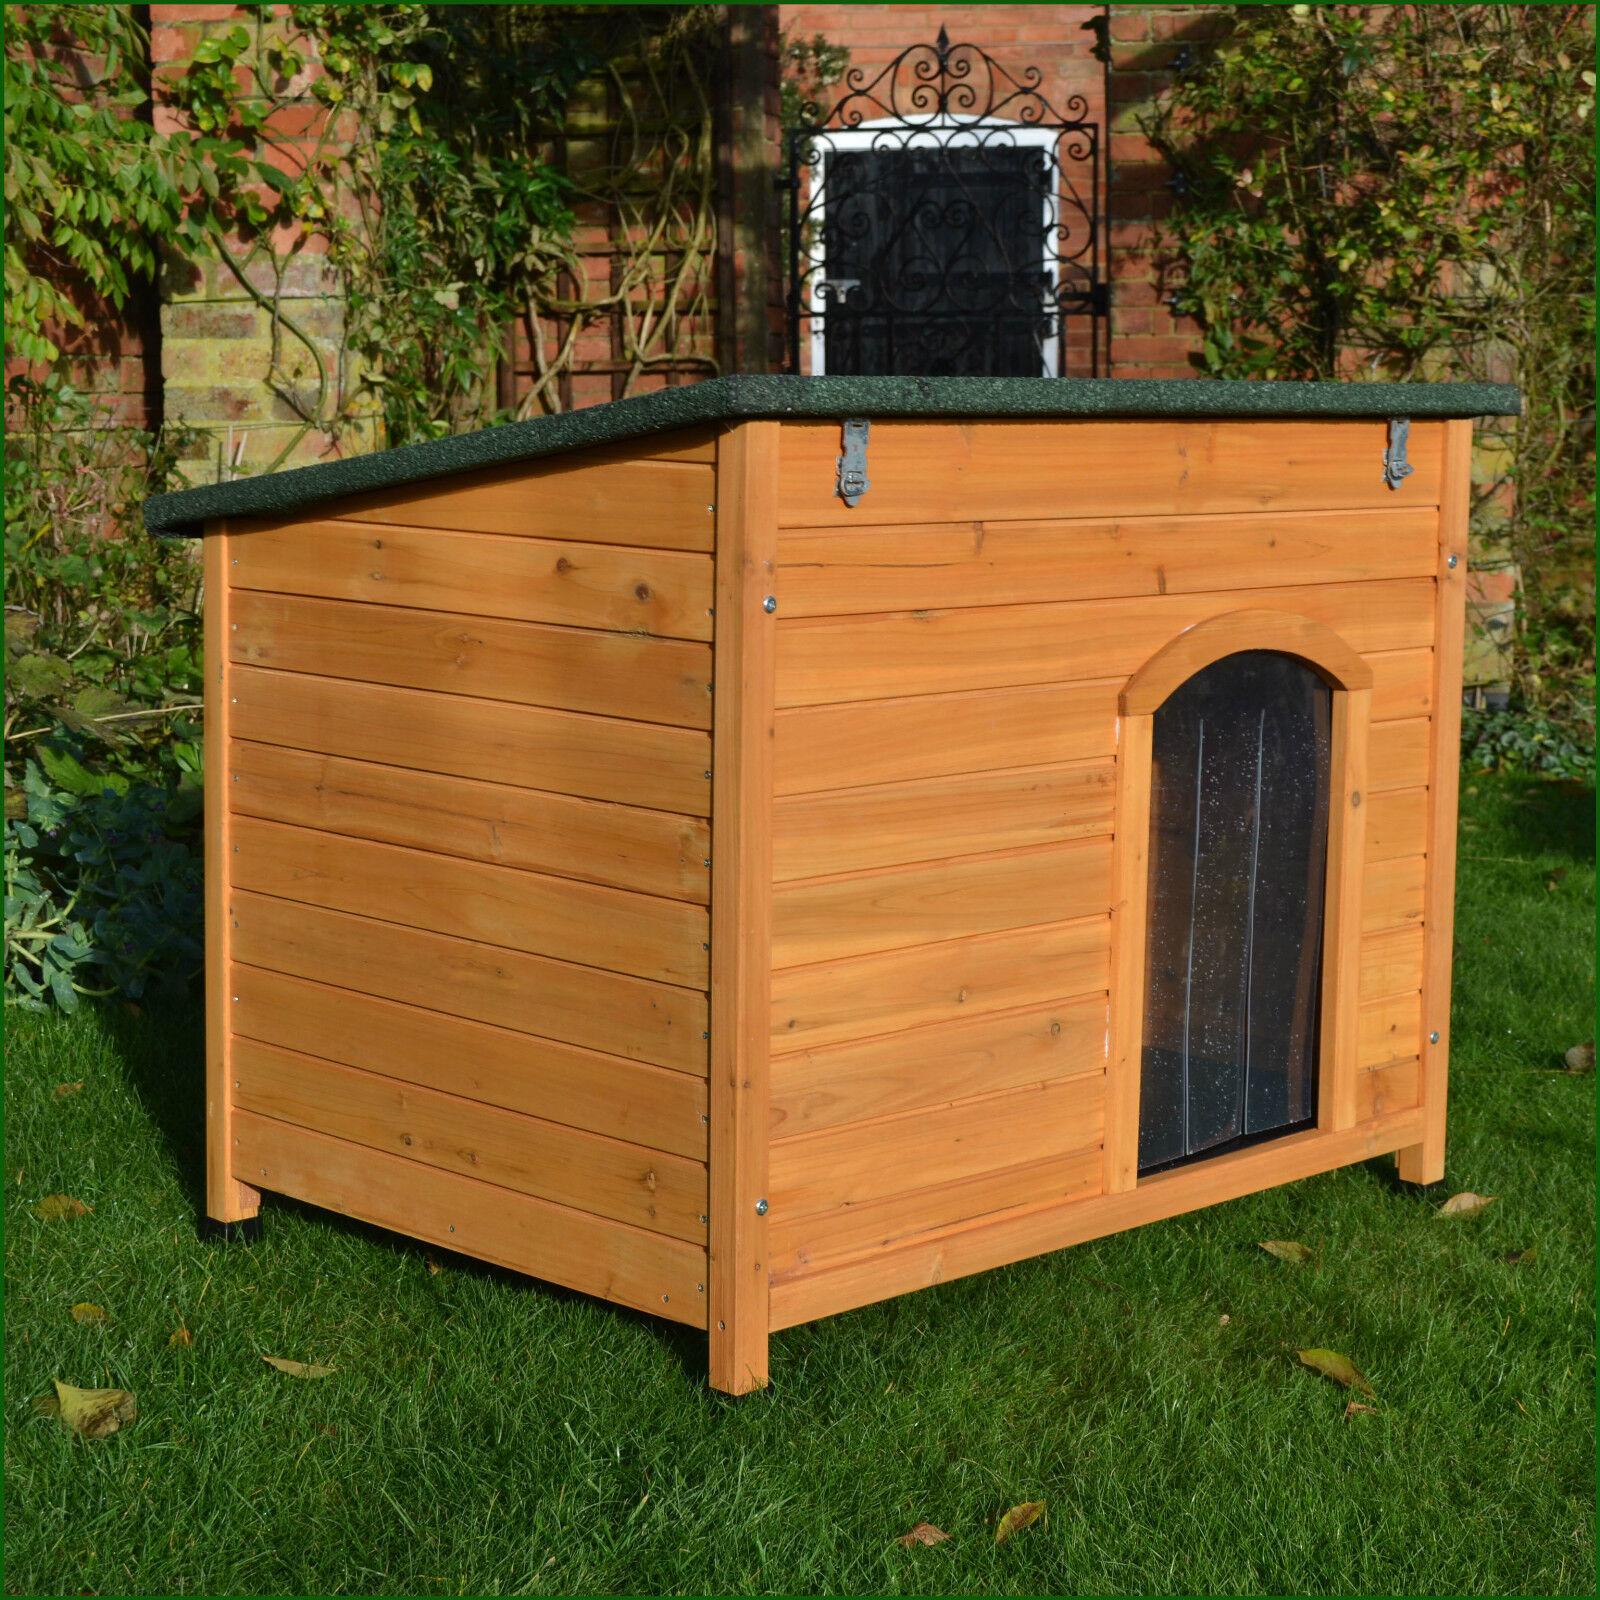 Large wooden dog kennel sloped roof kennels dog house for Puppy dog kennels